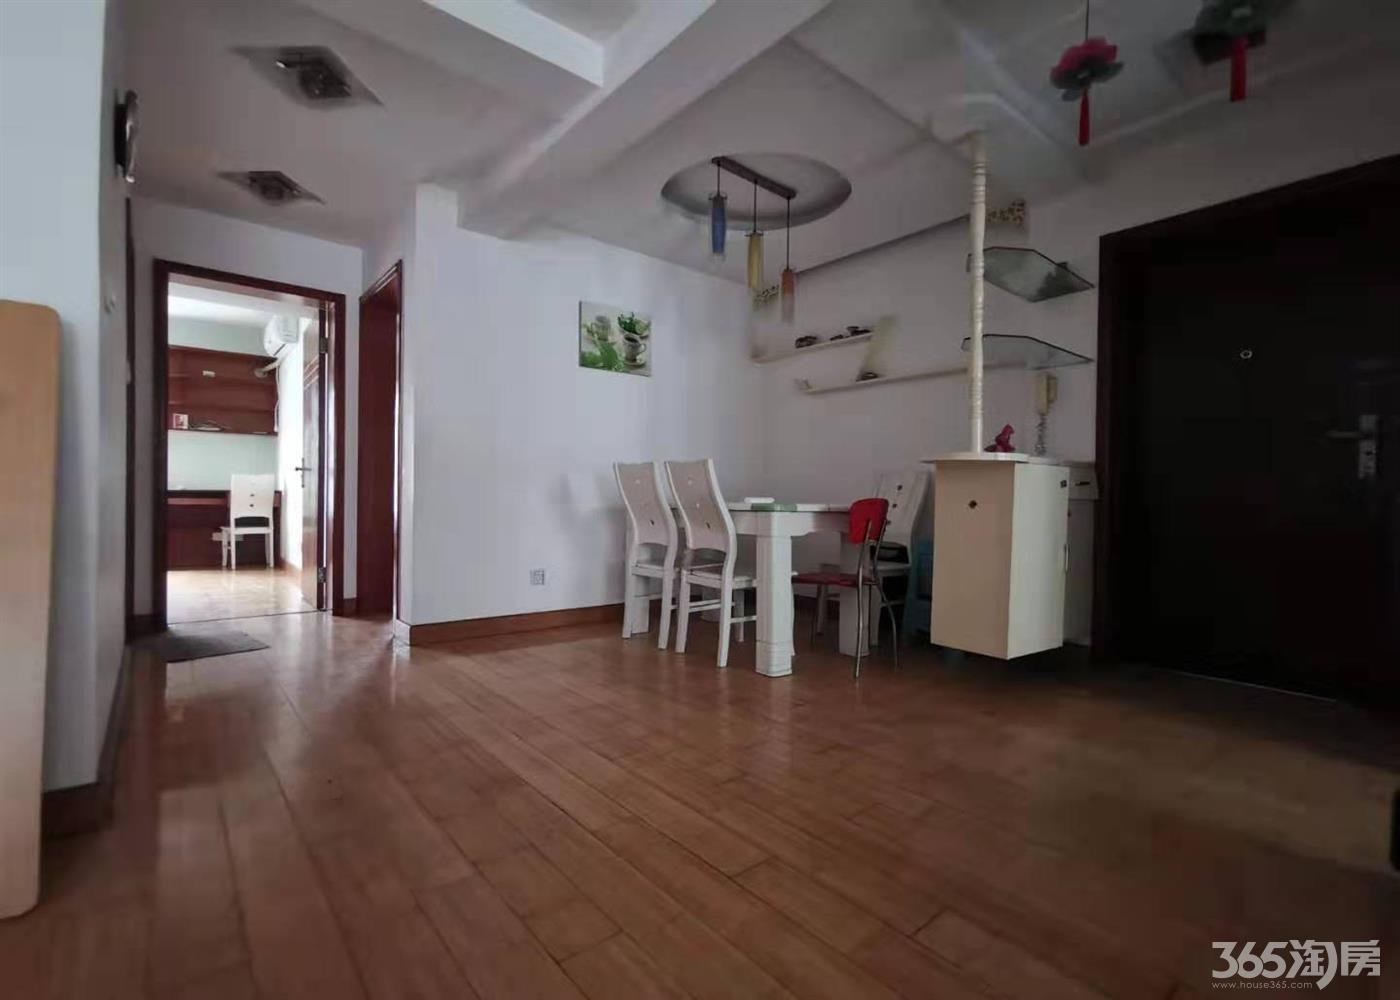 浦口区桥北天润城4街区租房